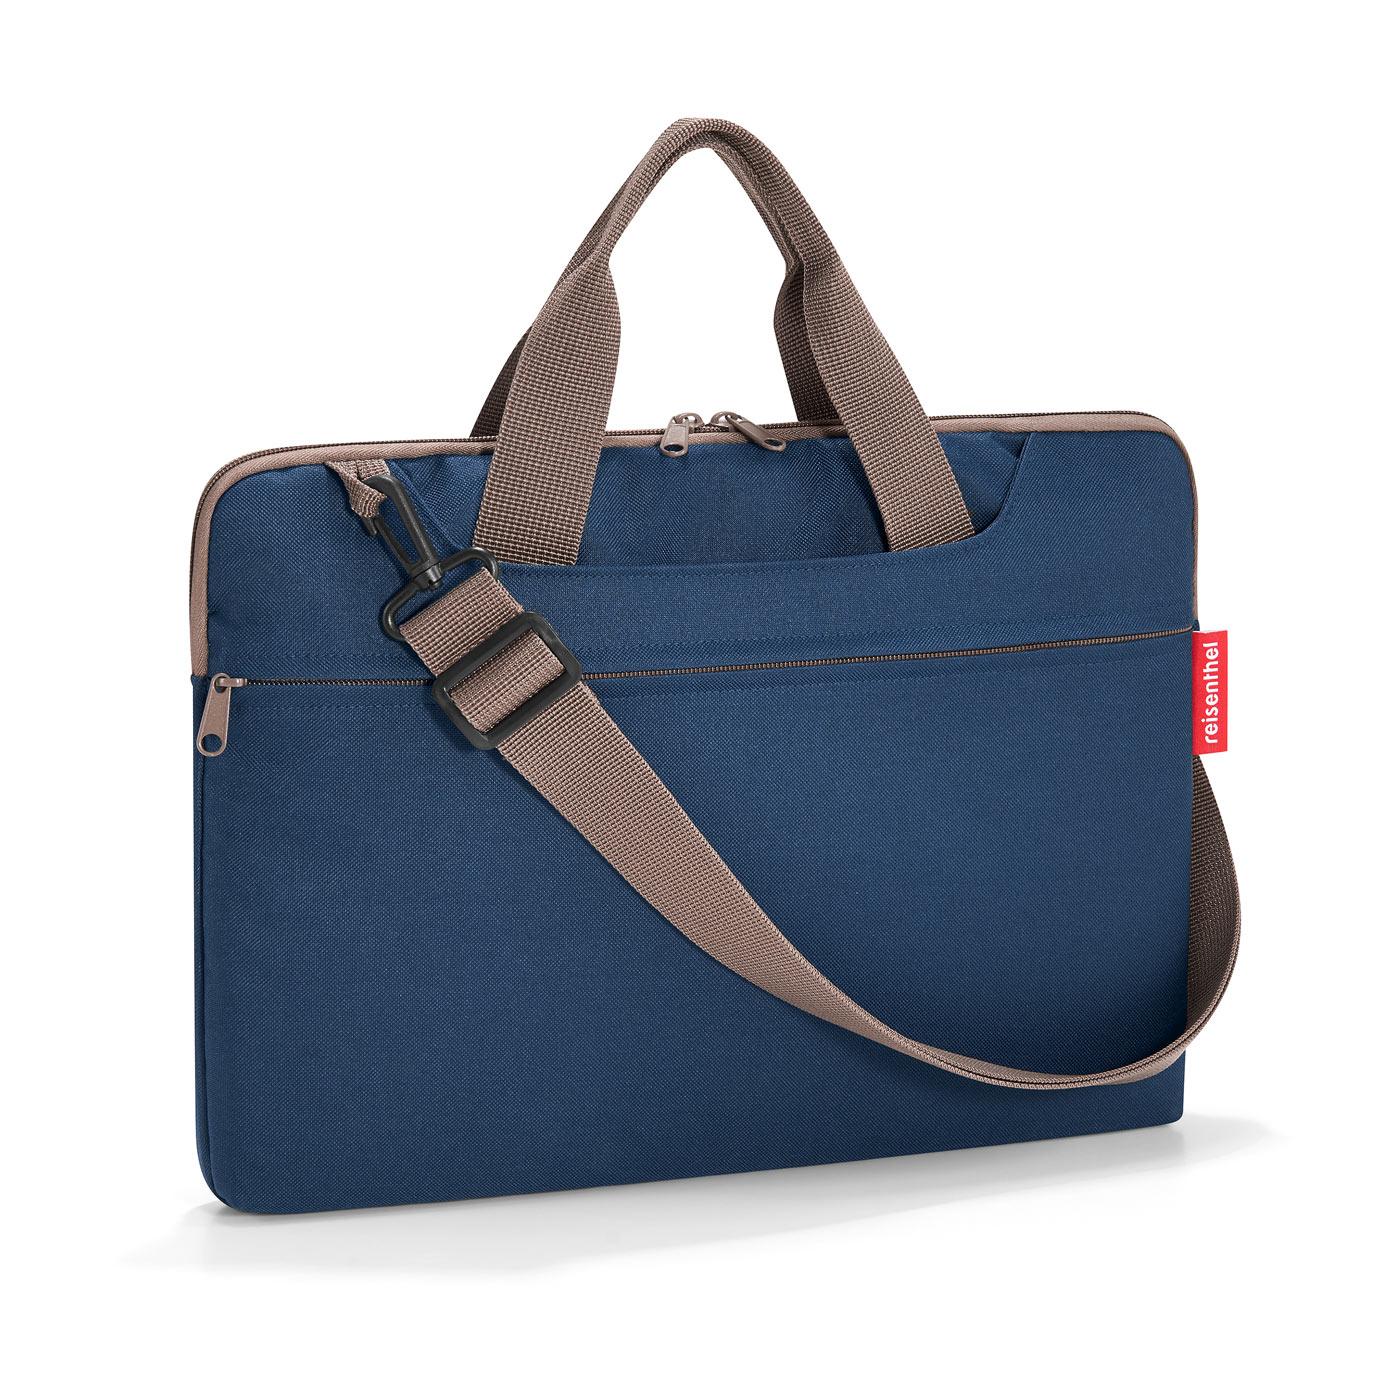 2c059c3b62b1 Reisenthel Netbookbag Kék Laptoptáska | bagsnmore.hu